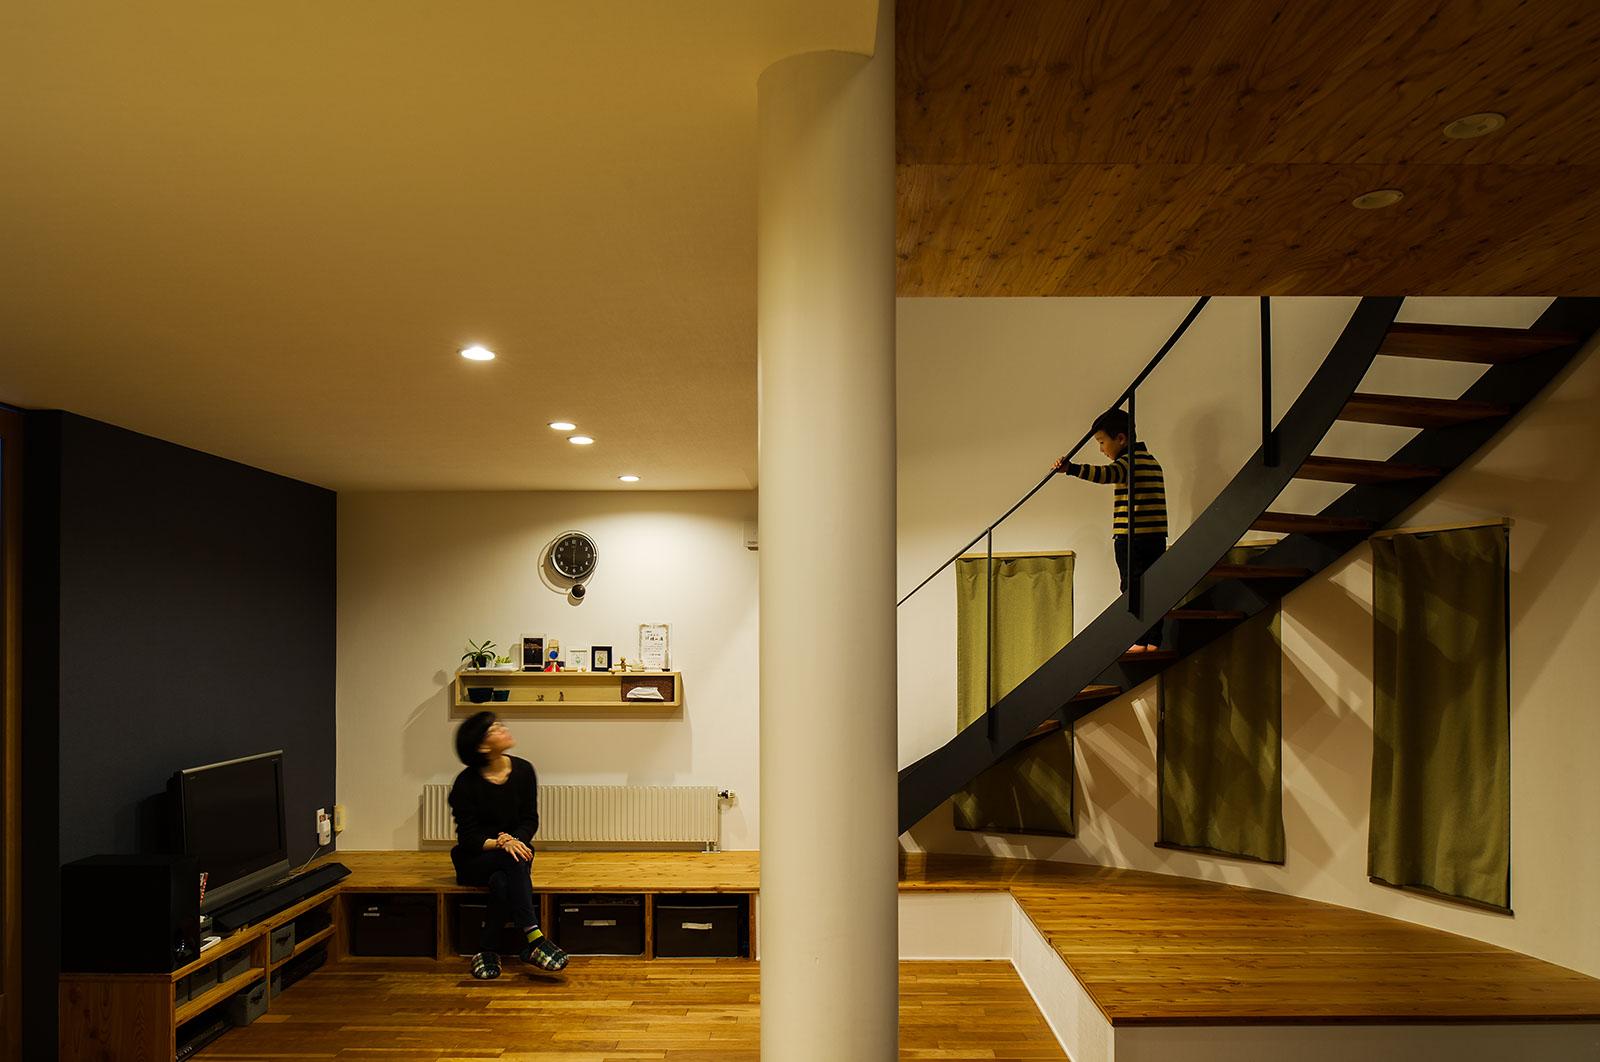 テレビの背面と階段をブラックで揃え、シックな雰囲気を演出